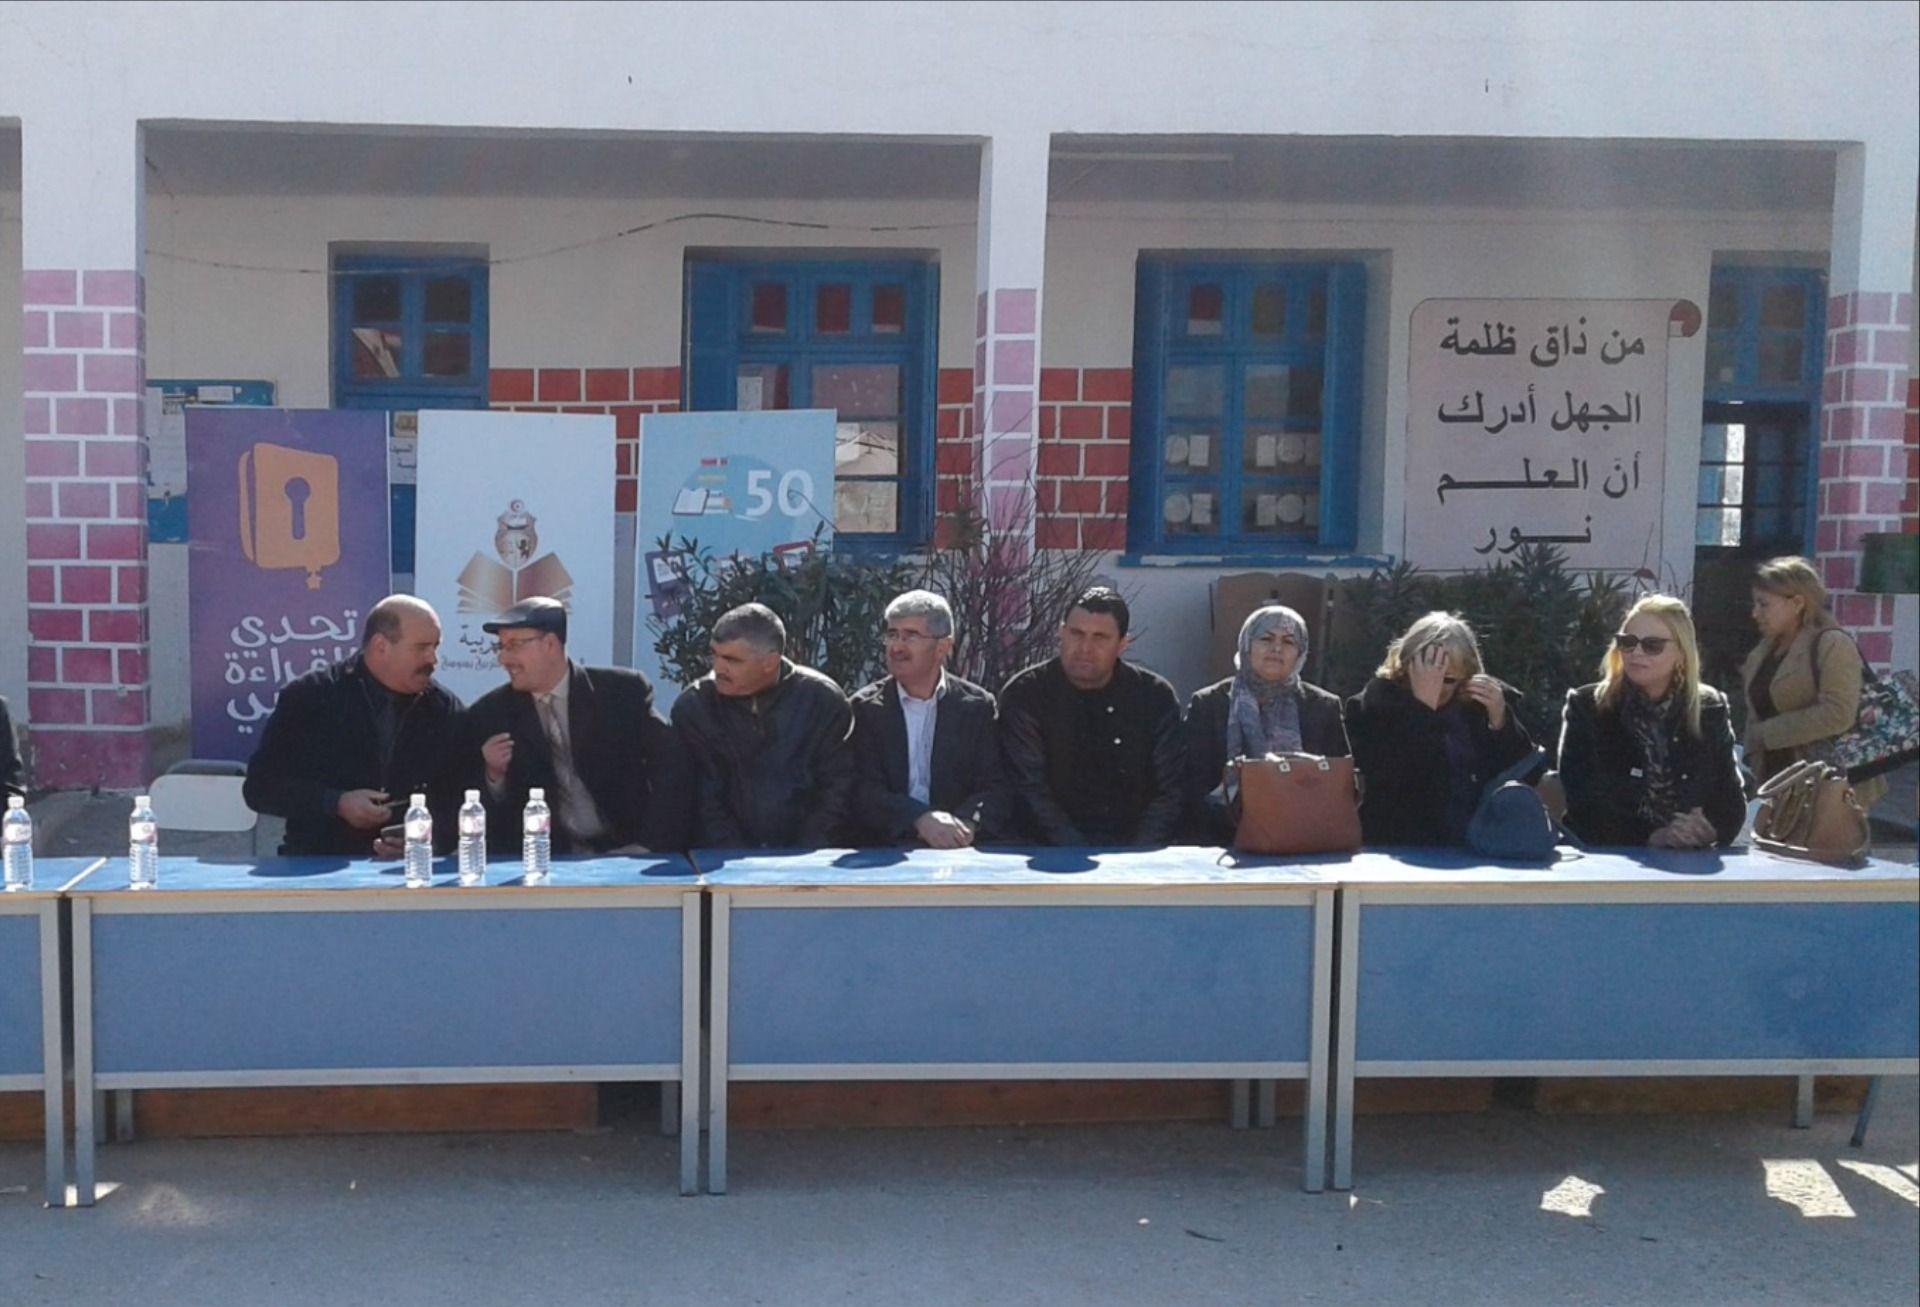 جدارية عبارات مدرسية من ذاق ظلمة الجهل أدرك أن العلم نور مصطفى نور الدين Graffiti Drawing Counseling Signs Wall Logo